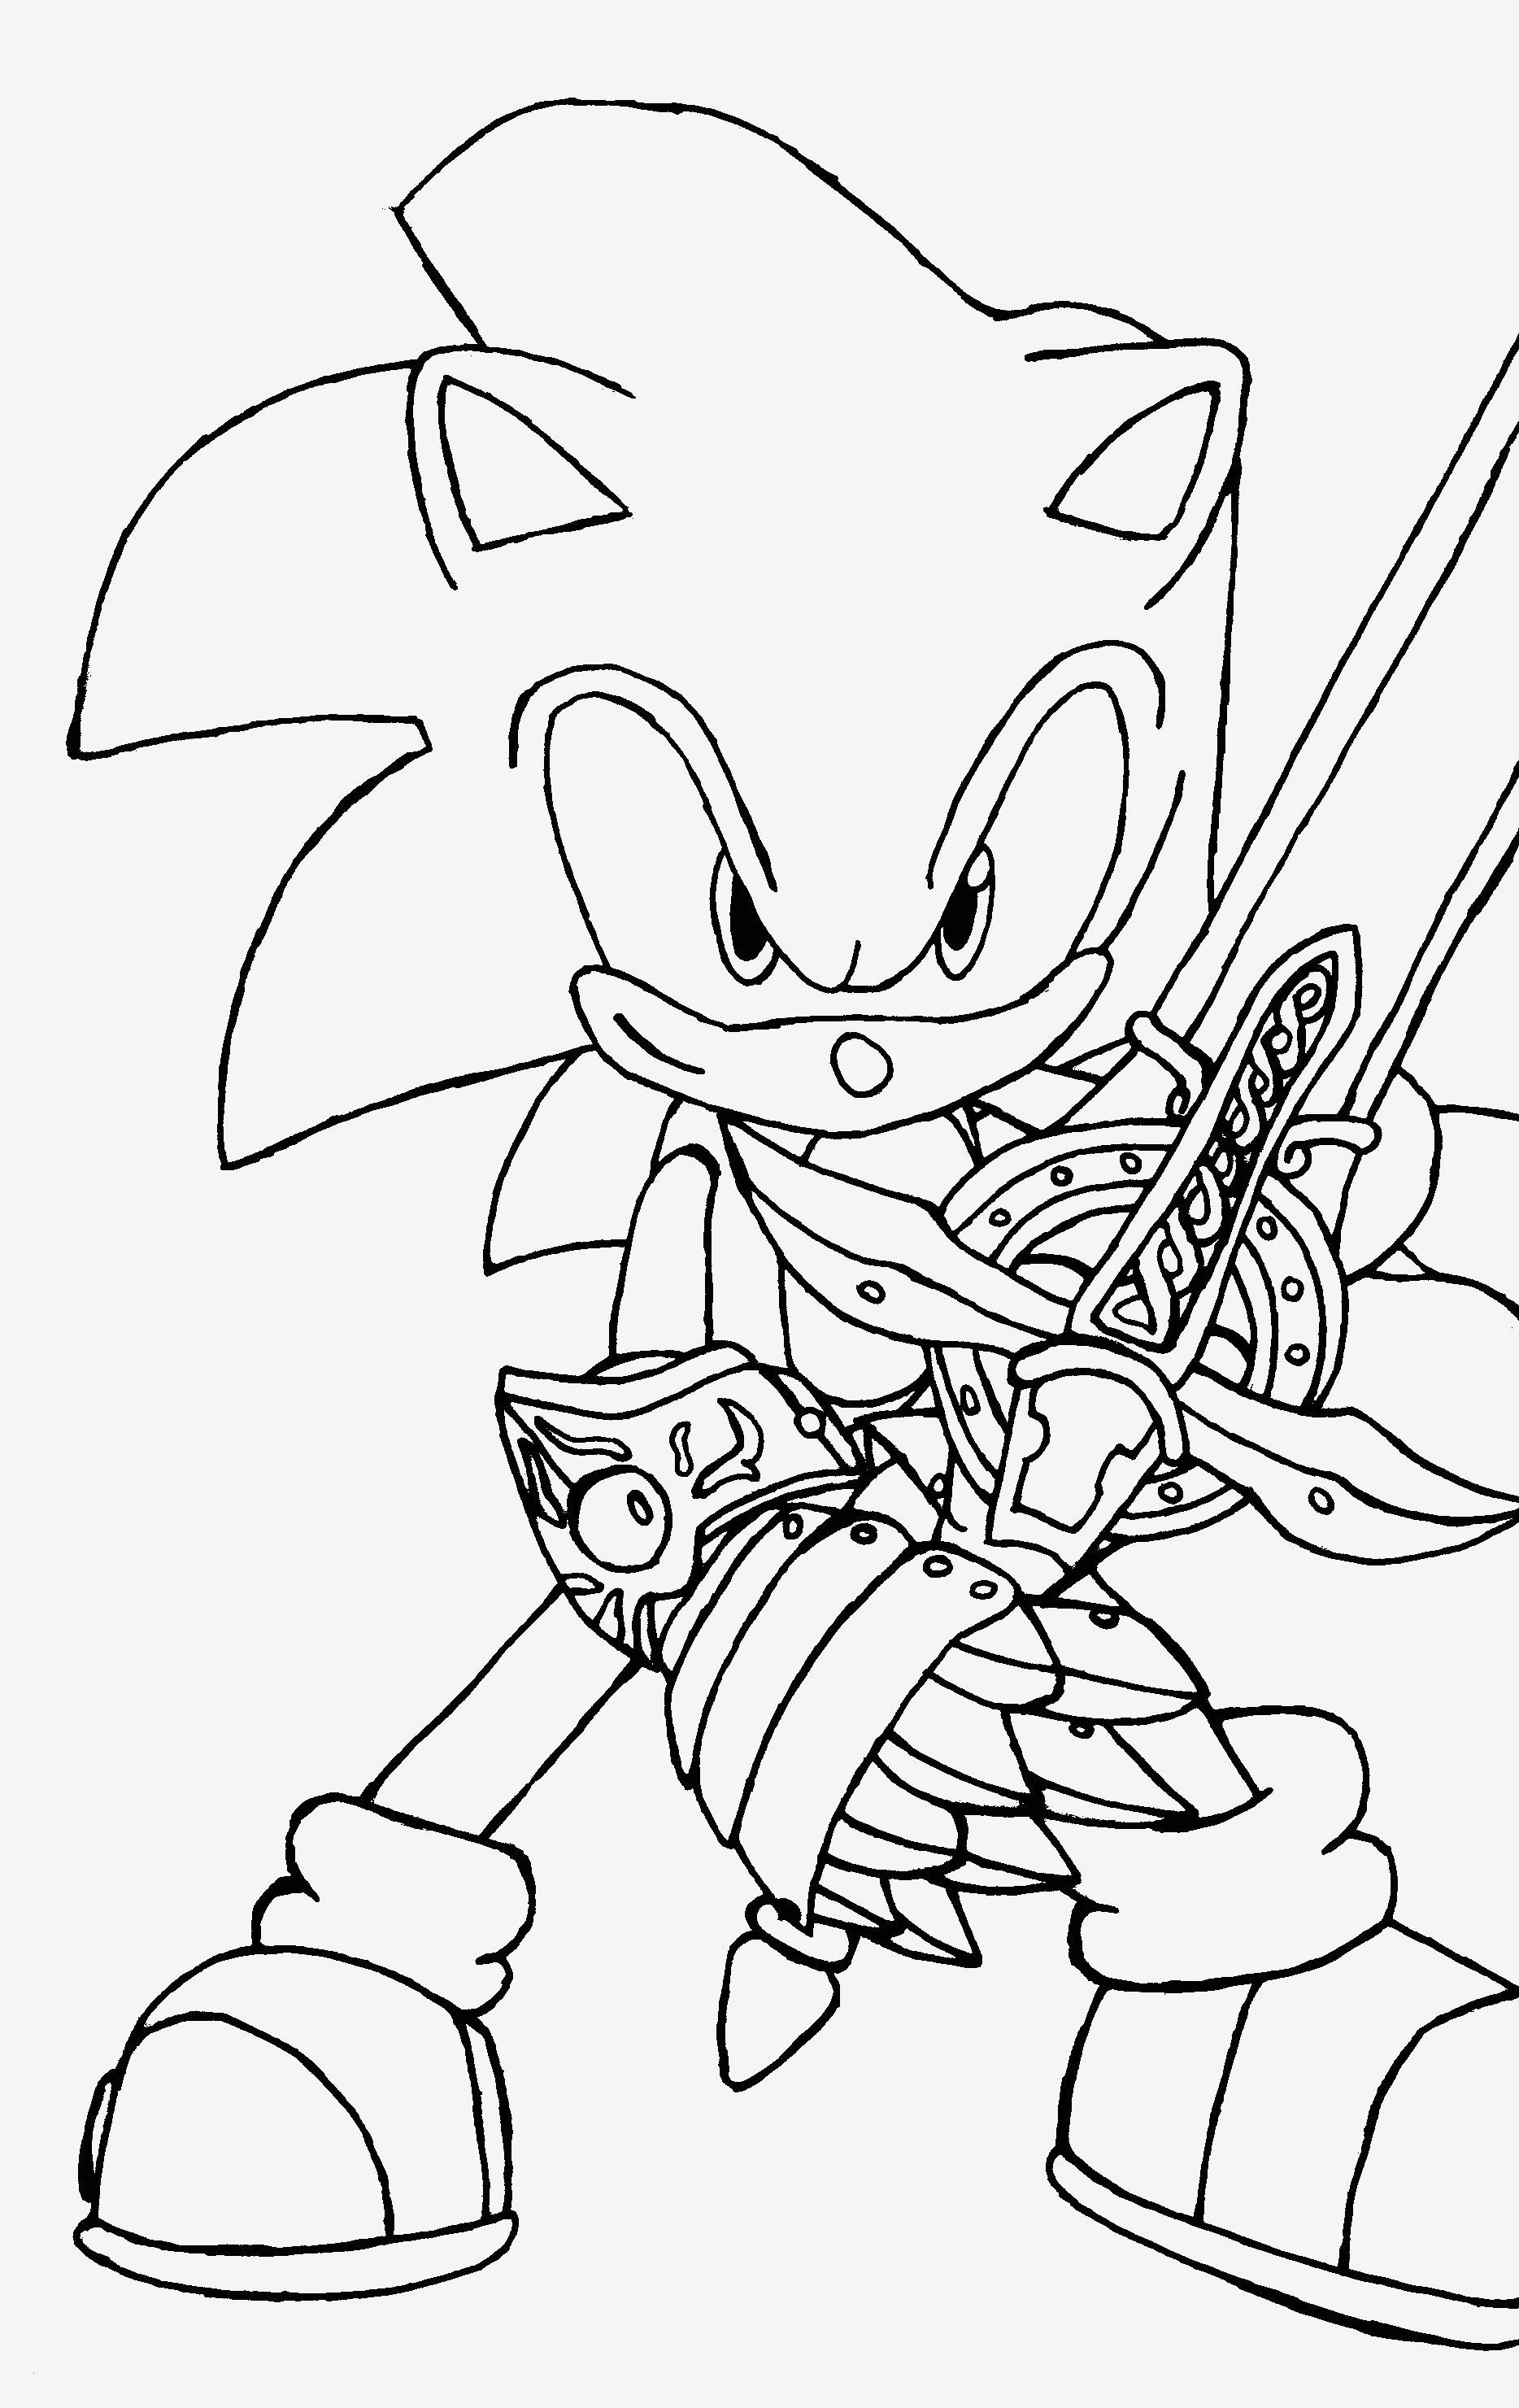 Sonic Zum Ausmalen Inspirierend 45 Elegant sonic the Hedgehog Ausmalbilder Beste Malvorlage Das Bild